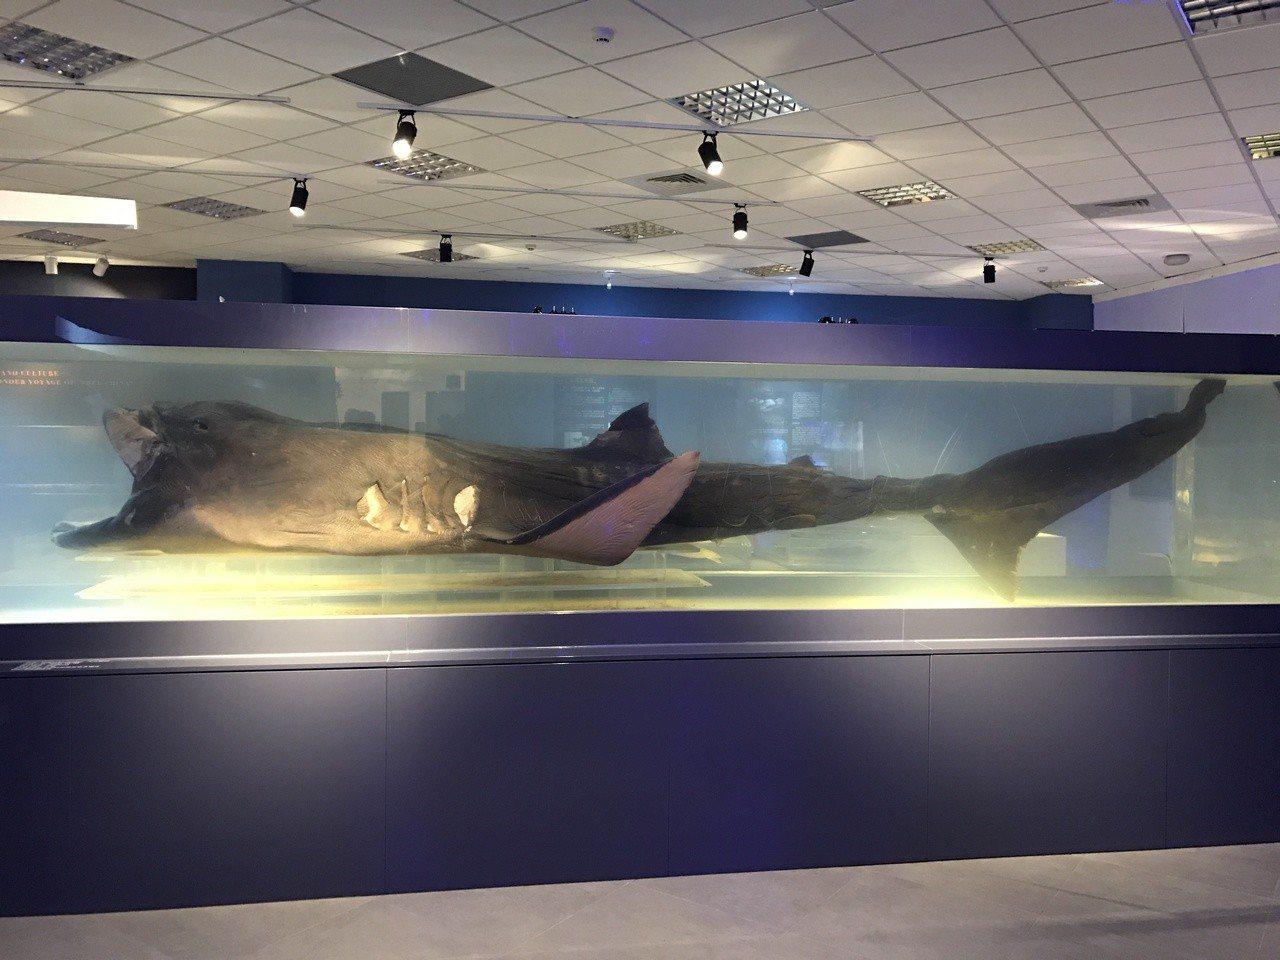 國立海洋科技博物館研究典藏中心的鎮館之寶,4公尺長的巨口鯊標本,讓人驚嘆連連。記...